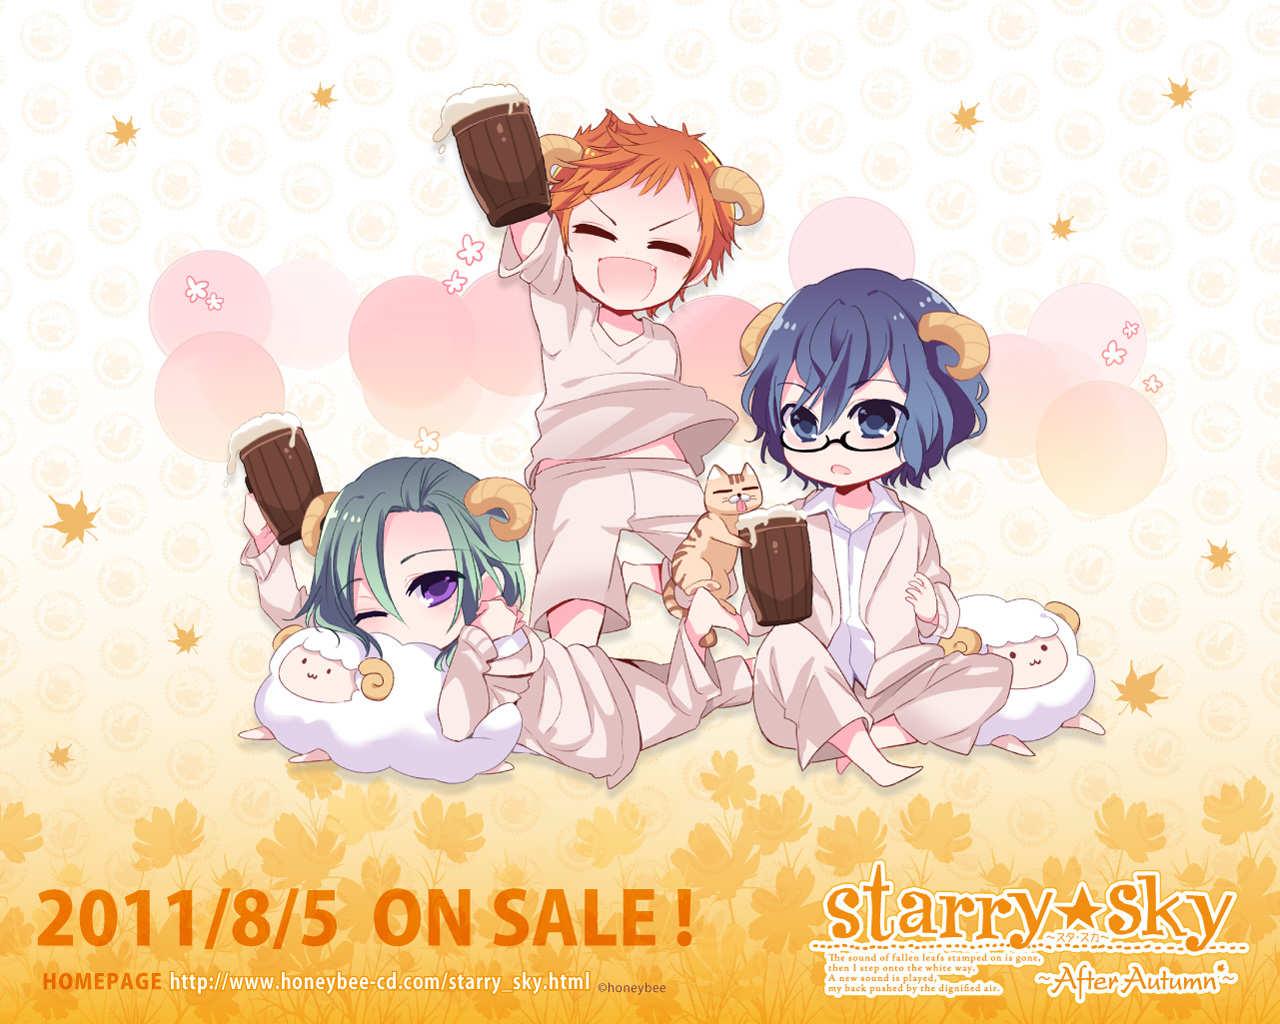 Starry sky starry☆sky after autumn